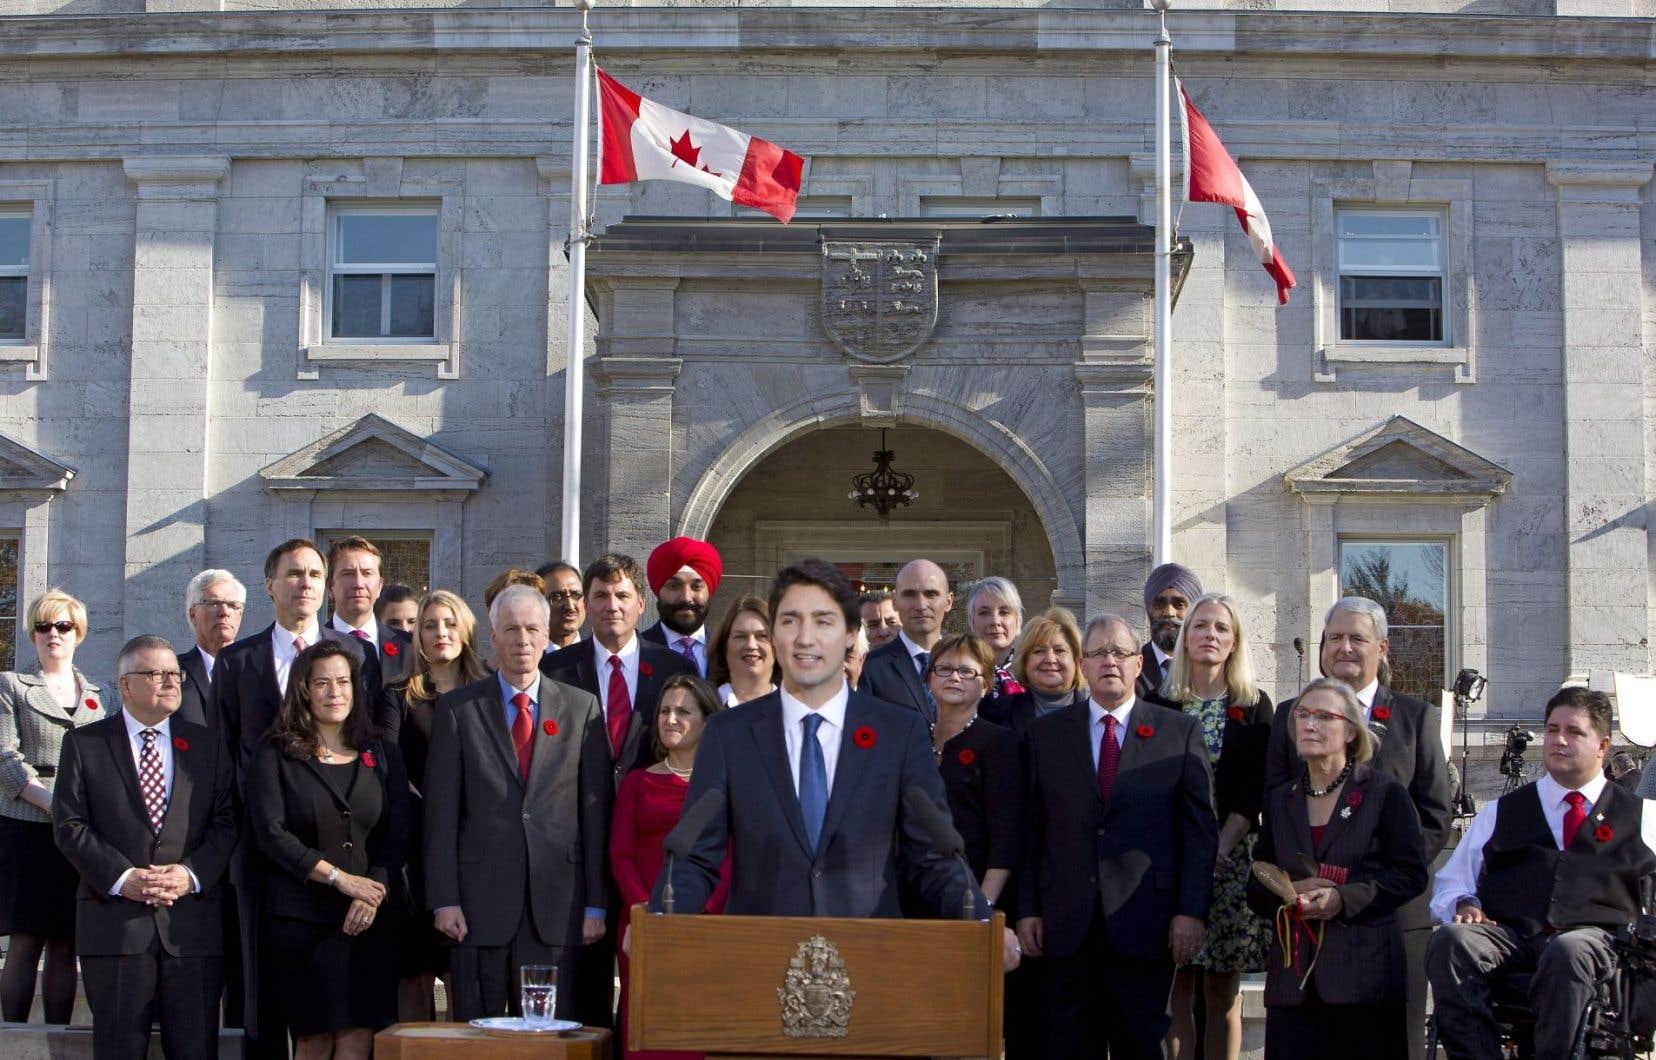 Du sang neuf, une nouvelle génération et des gens d'expérience forment le premier cabinet du premier ministre Trudeau.